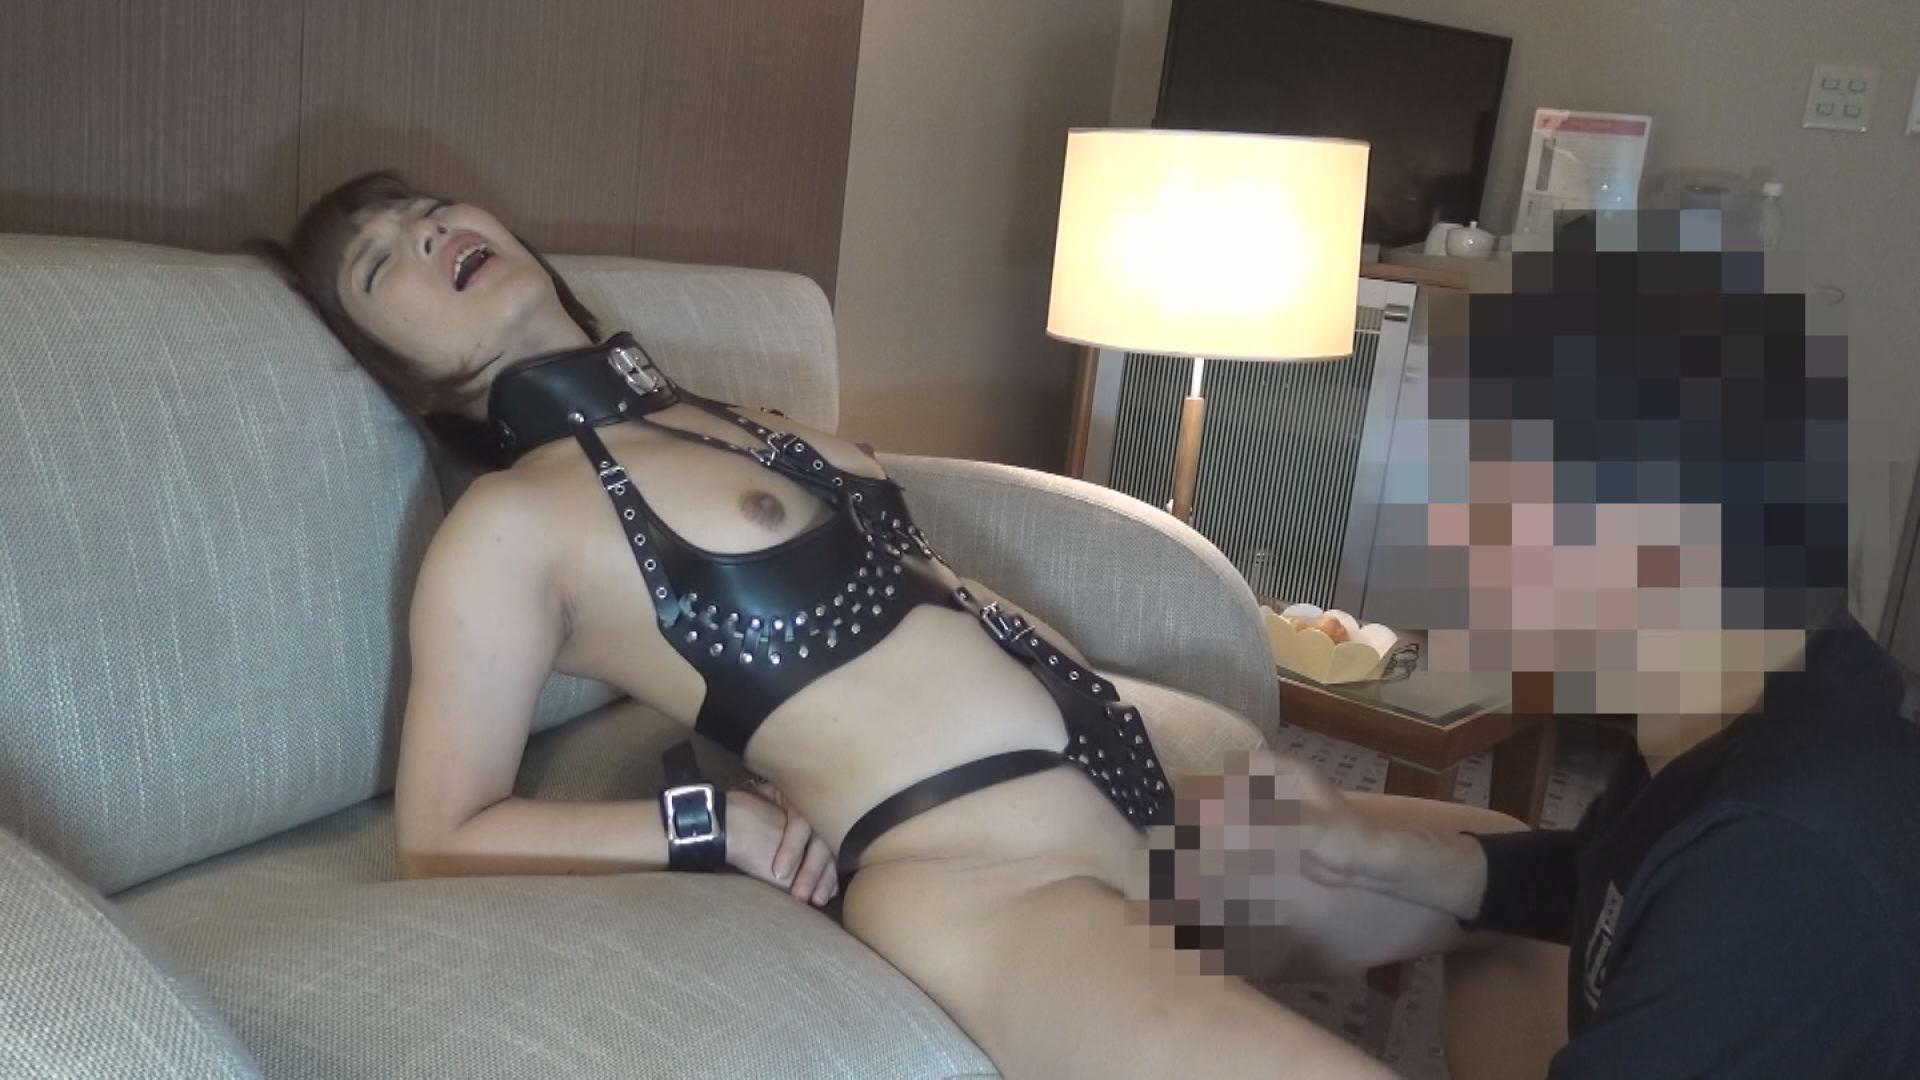 カチクオトコノコ 4 ホルモン美乳愛人飼育【さき】 画像5